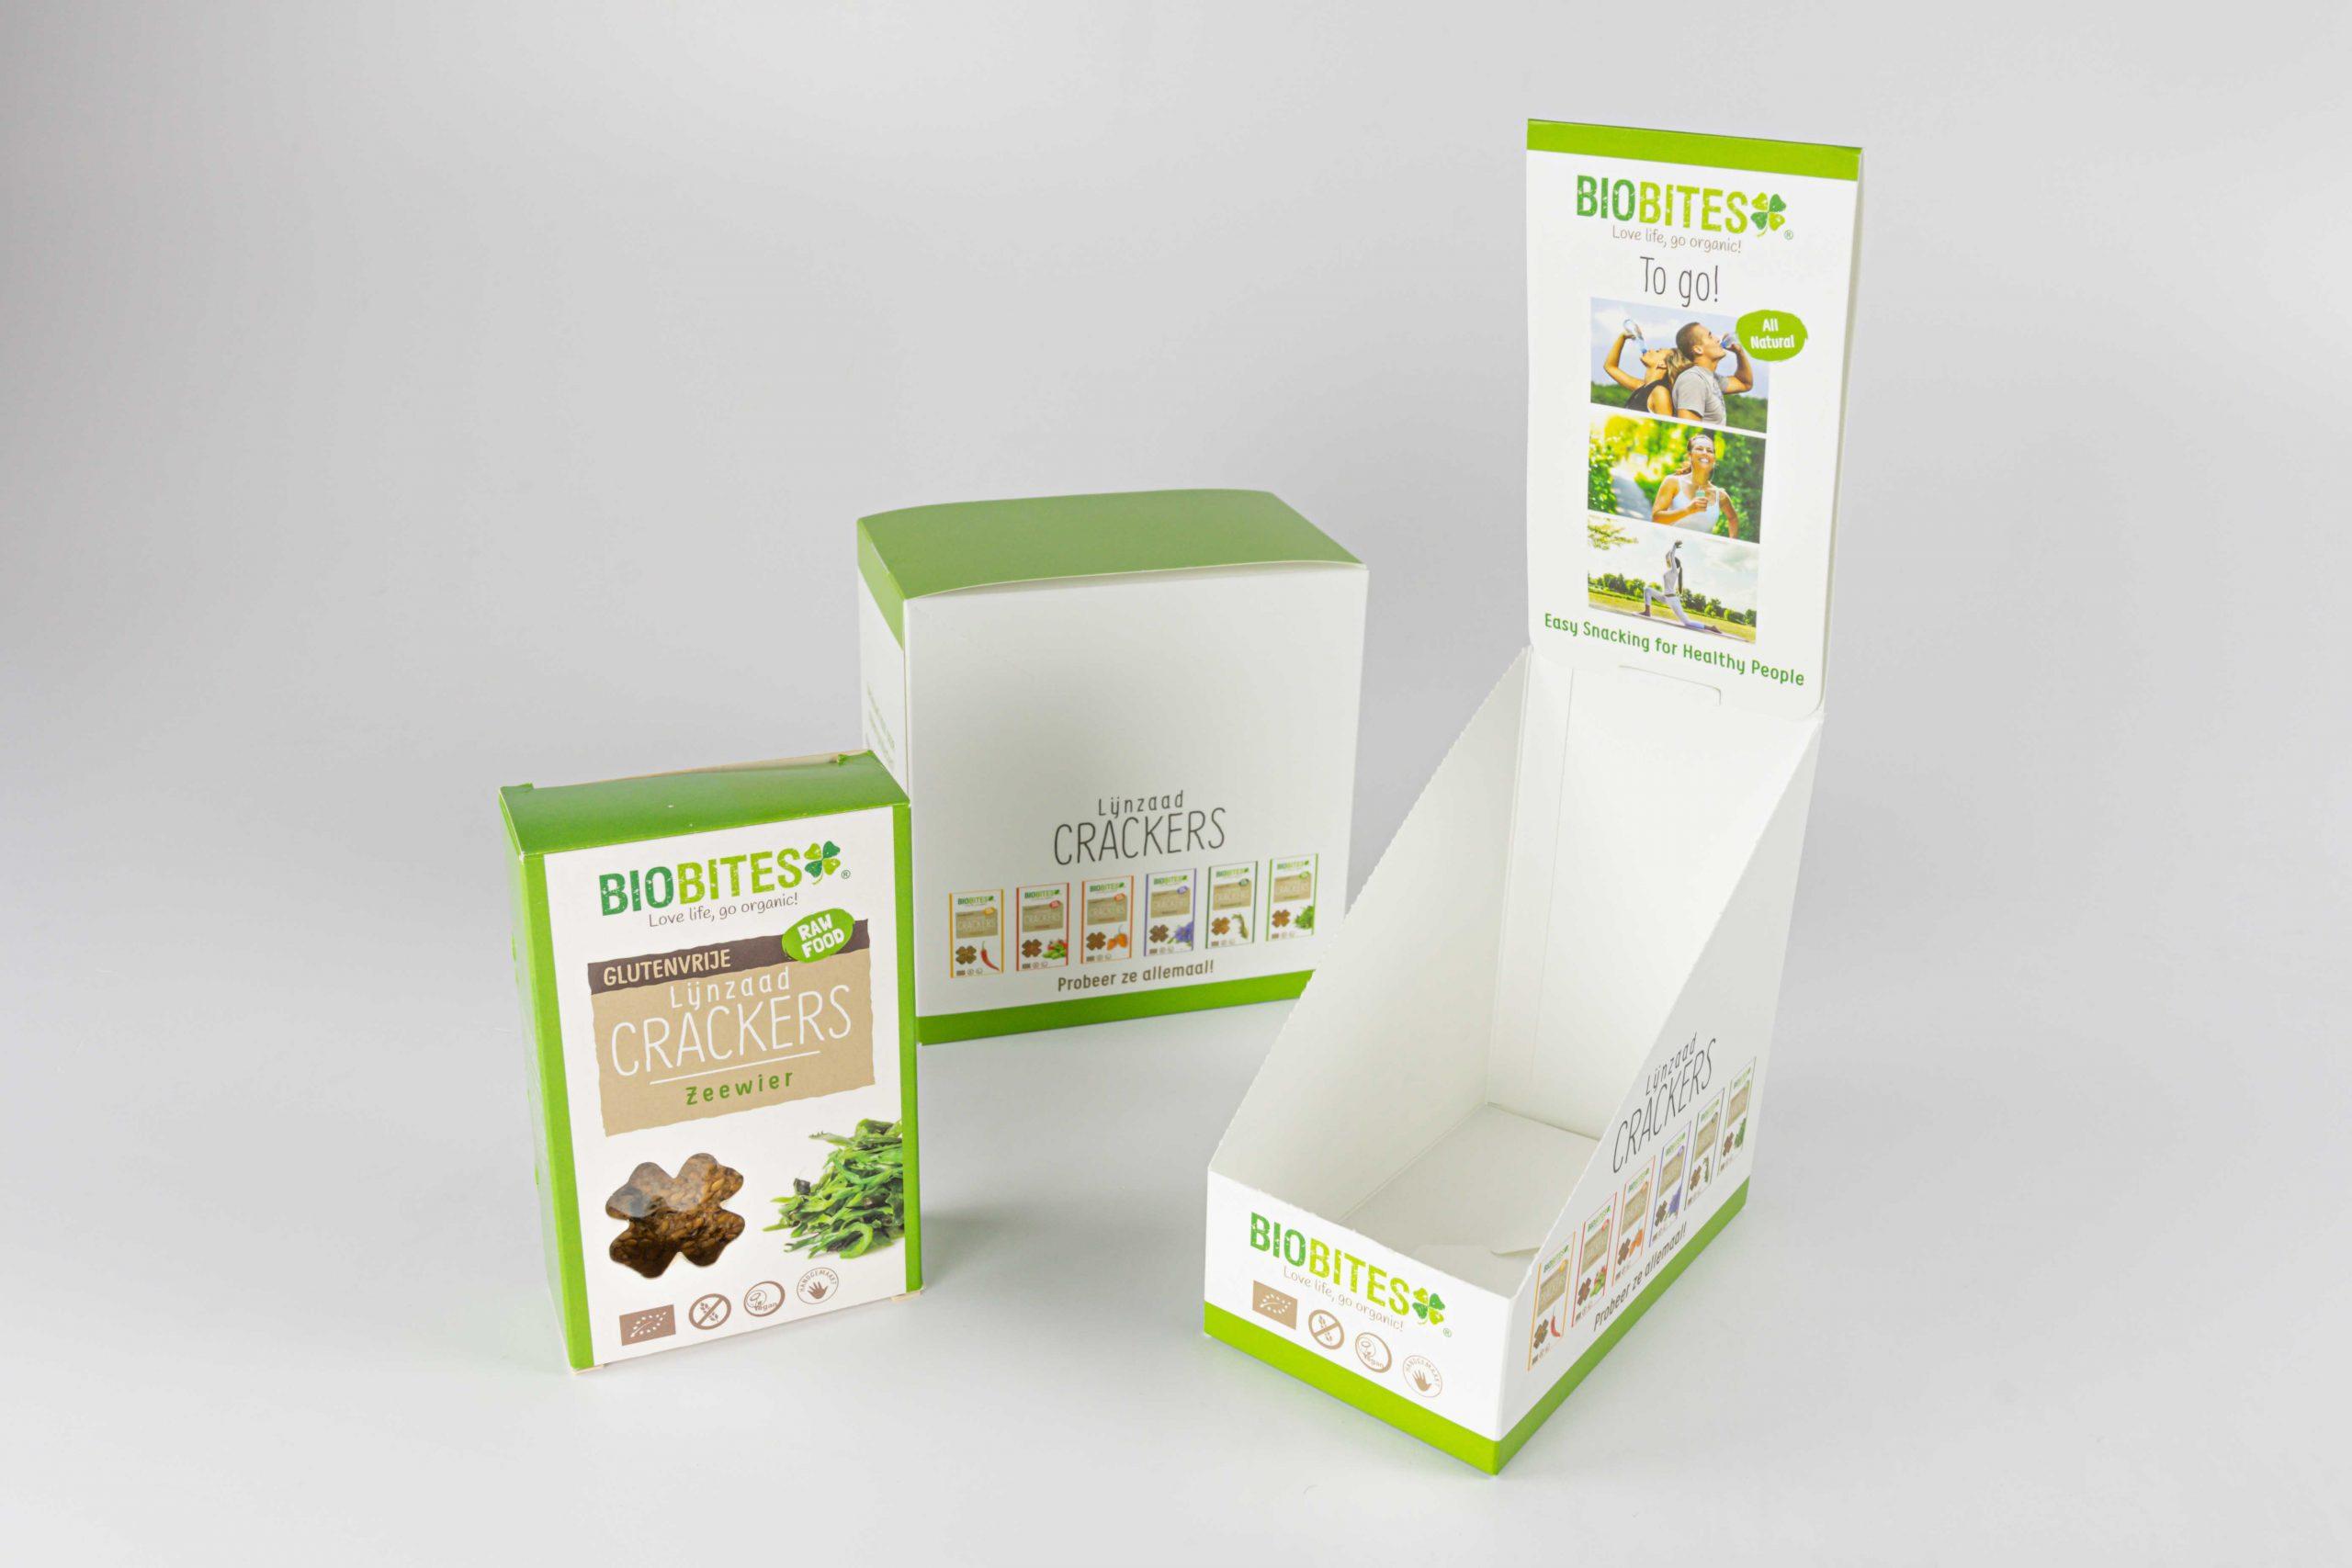 Biobites verpakking